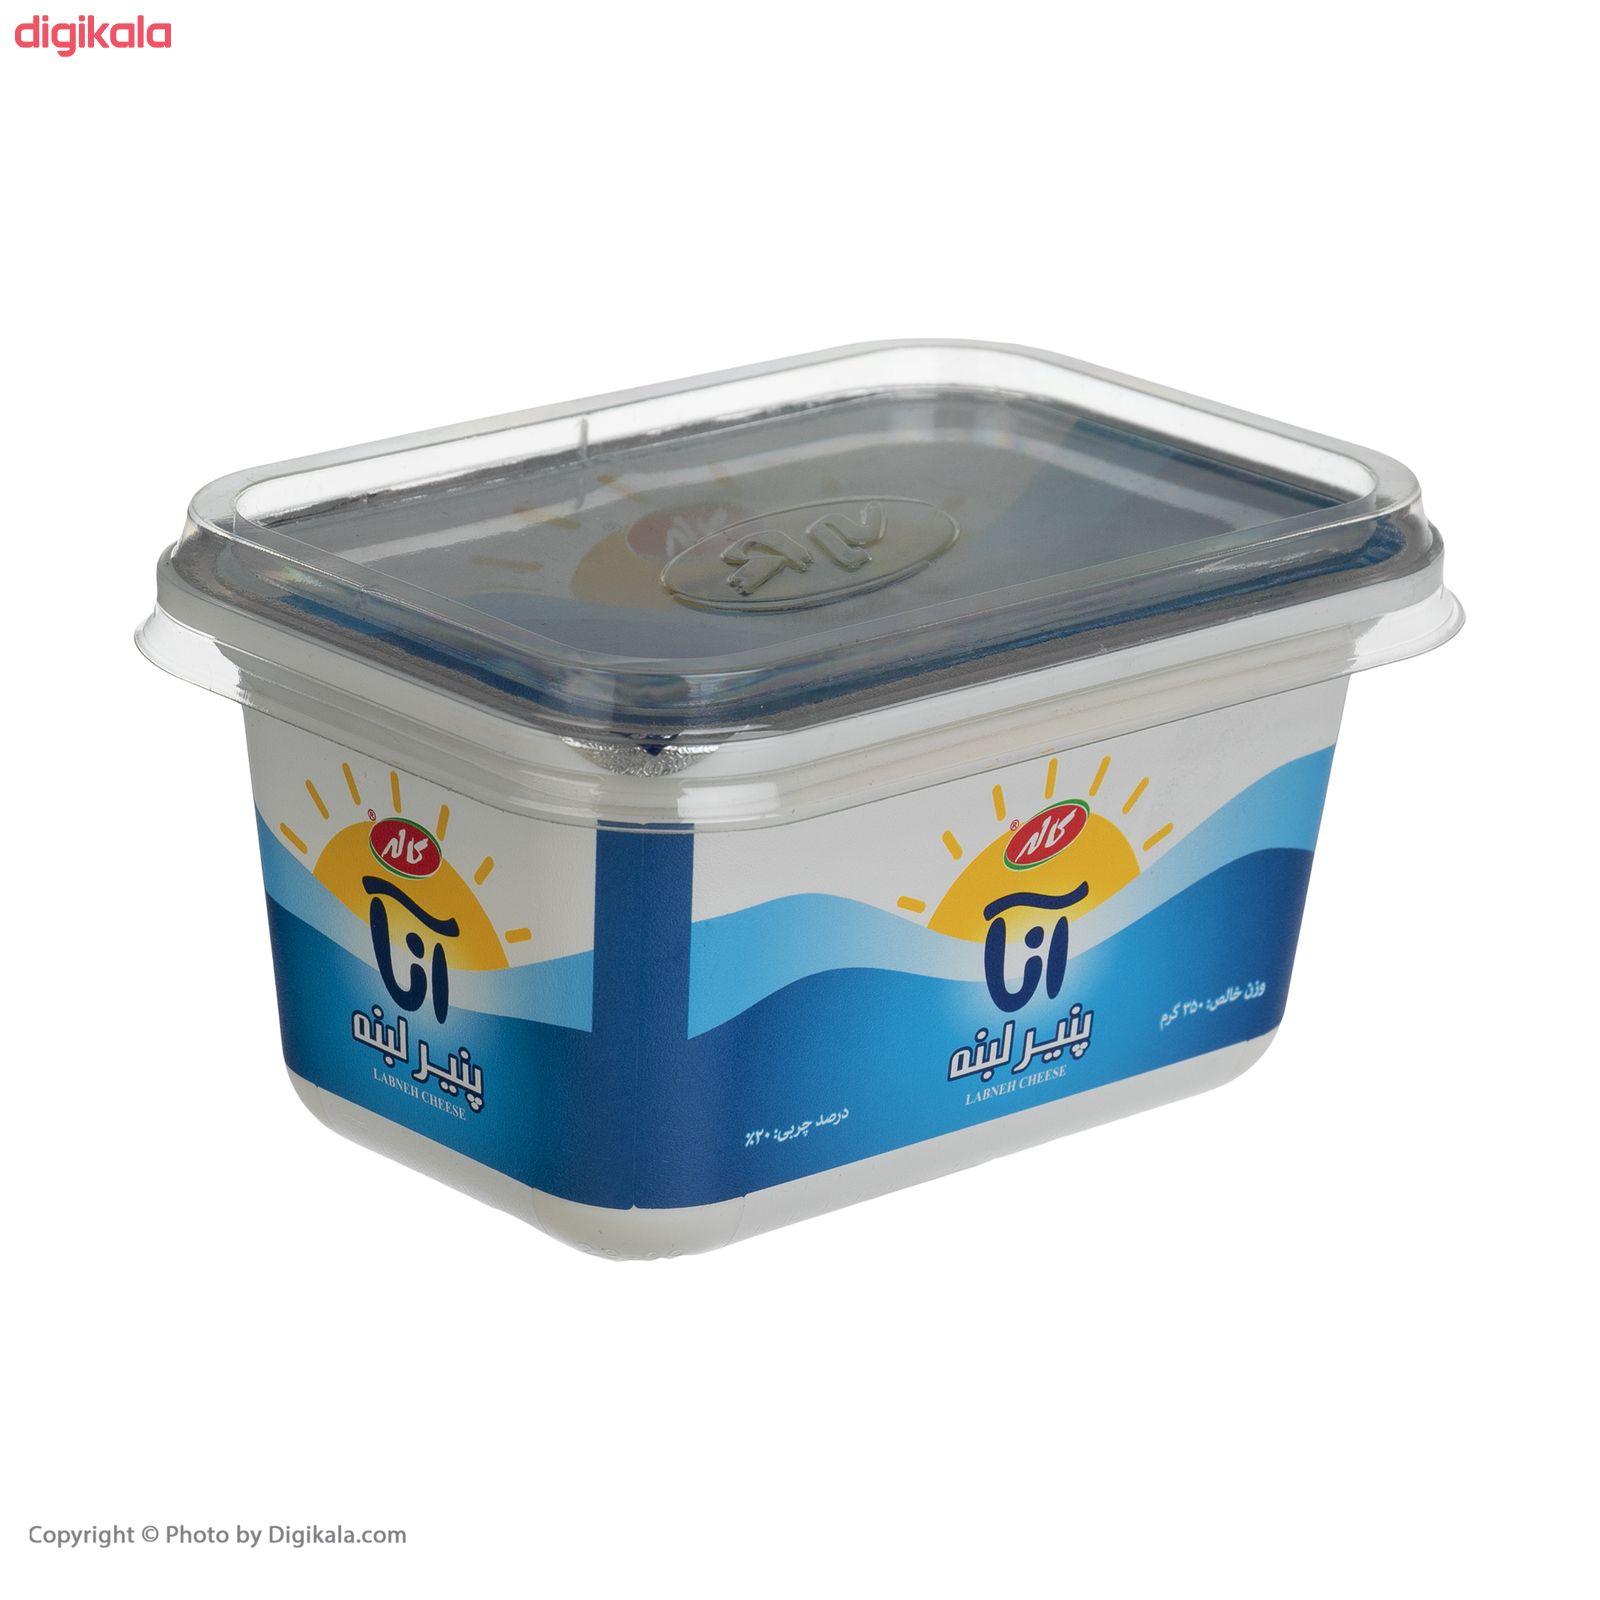 پنیر لبنه کاله - 350 گرم main 1 3